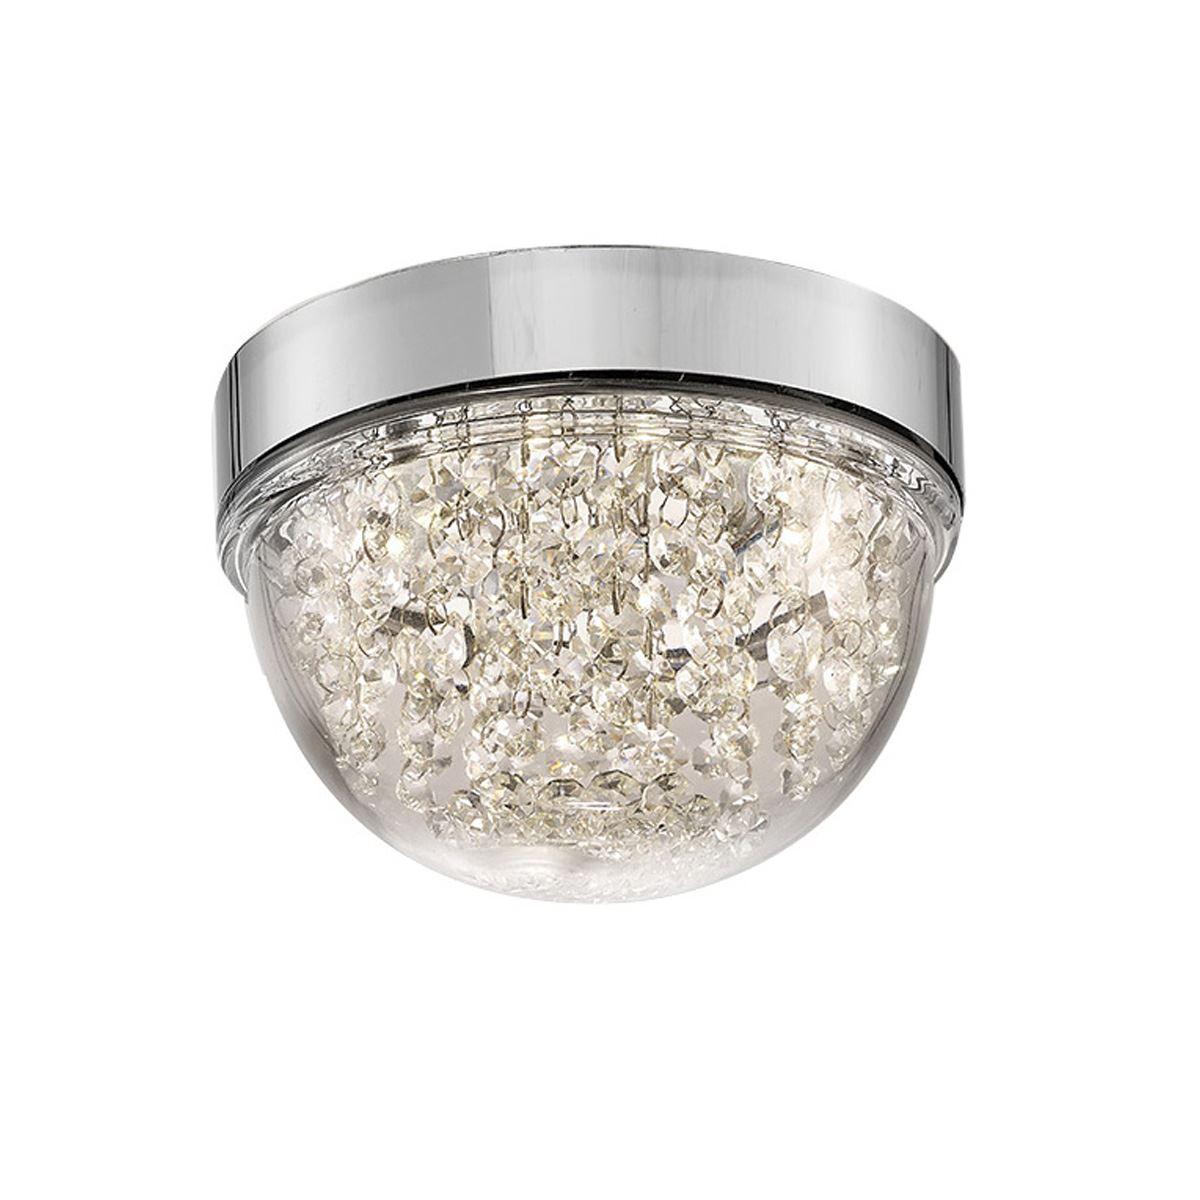 Diyas IL80010 Harper Small Ceiling 6W 500lm LED 4000K Polished Chrome/Crystal